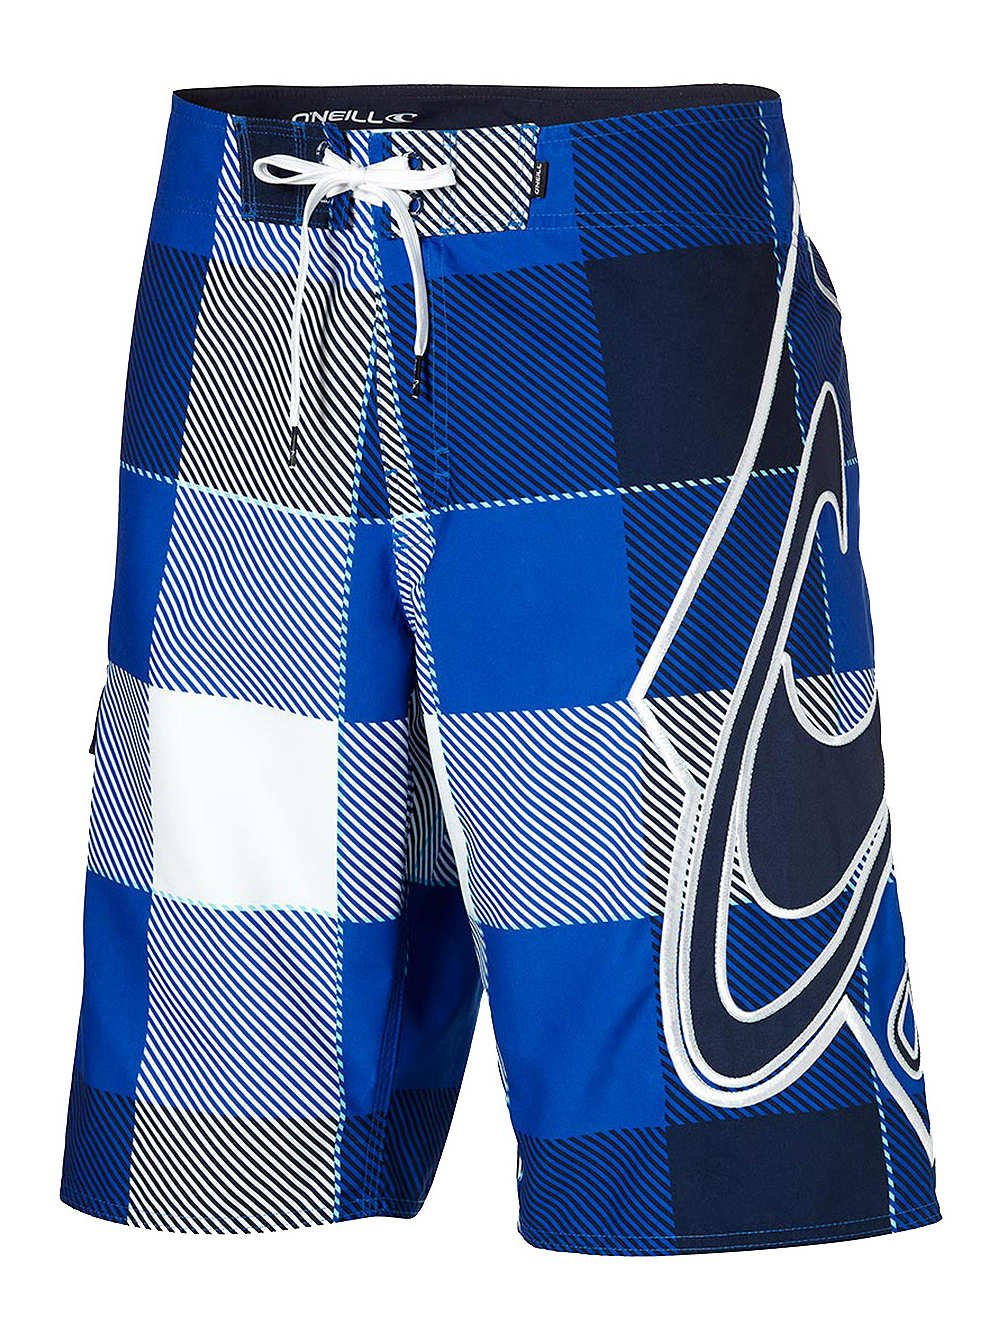 O'Neill Boardshort Swimming Shorts Trunks W32 Strike Blue White Check Lettering